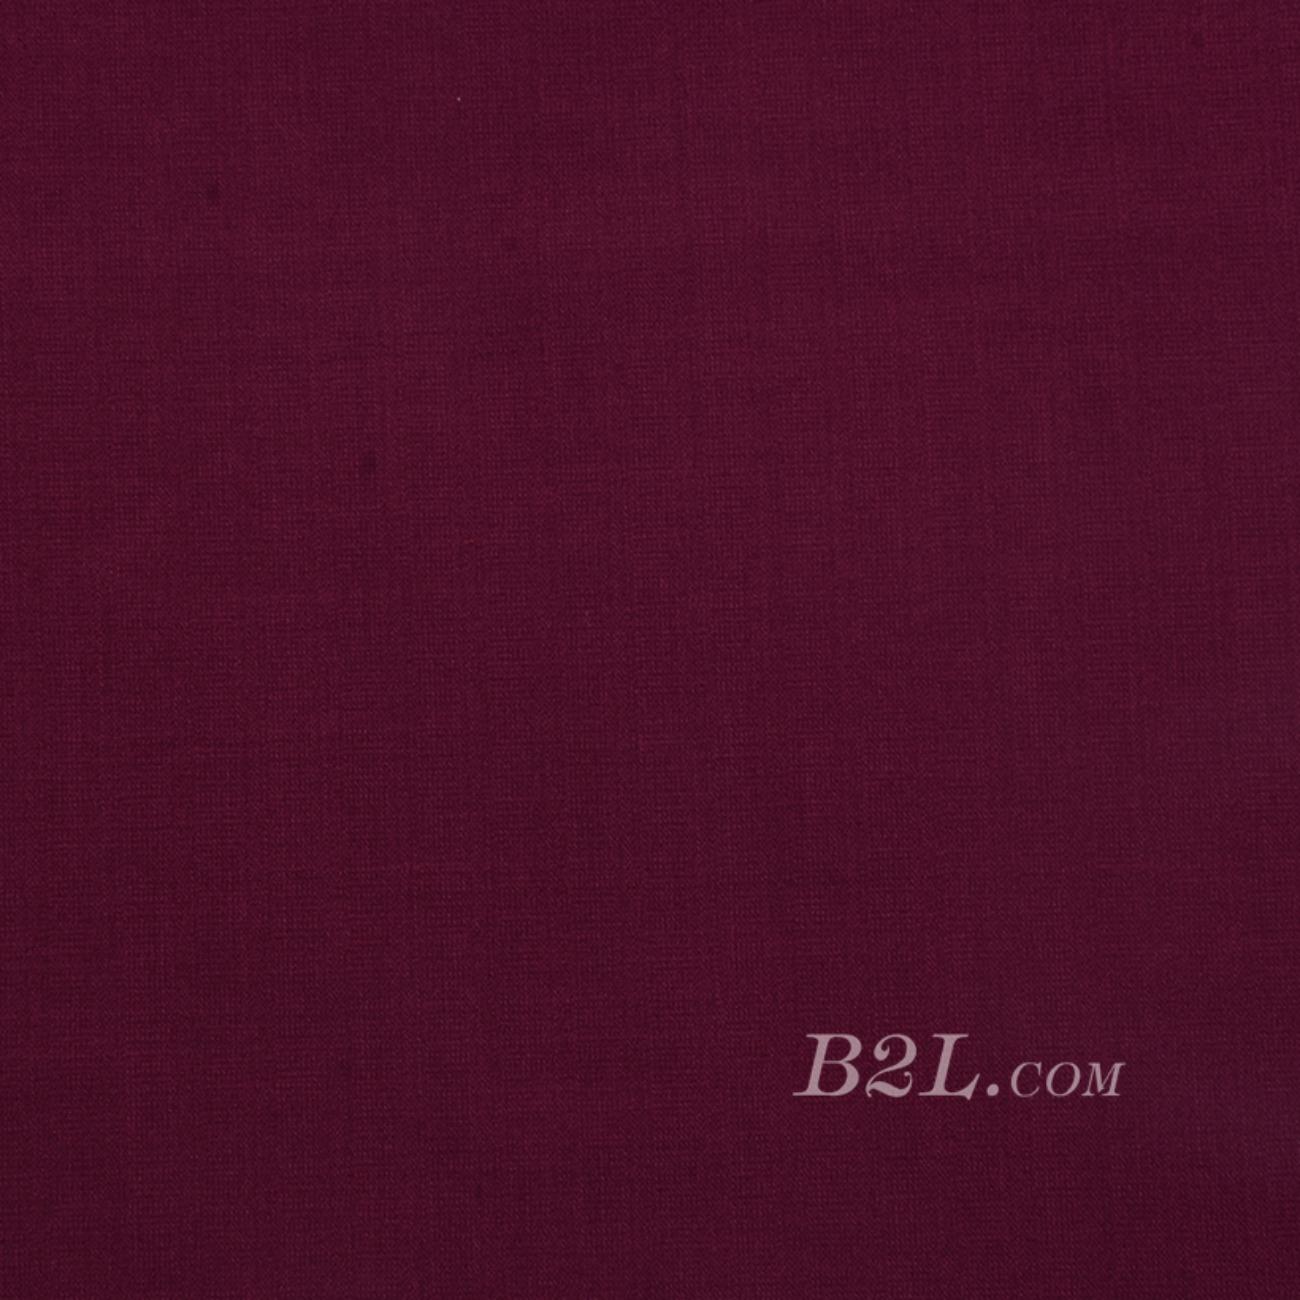 斜纹梭织染色素色短裙衬衫低弹春 秋 柔软 70823-27